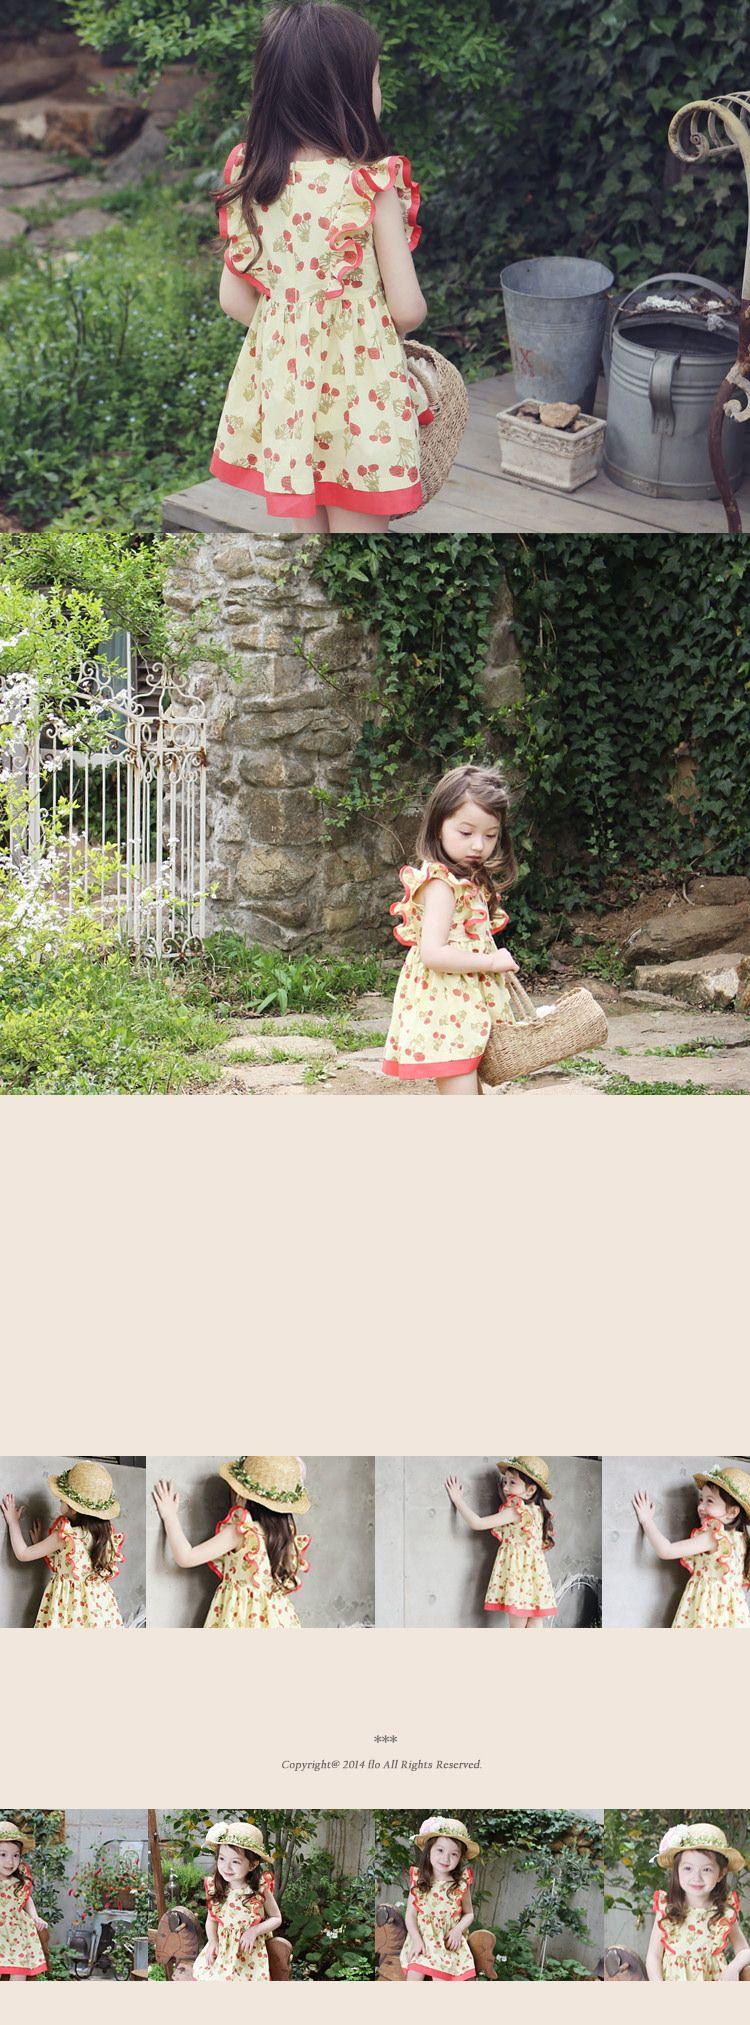 かわいい子供服 | ベビー服 | キッズファッション輸入通販のセレクト